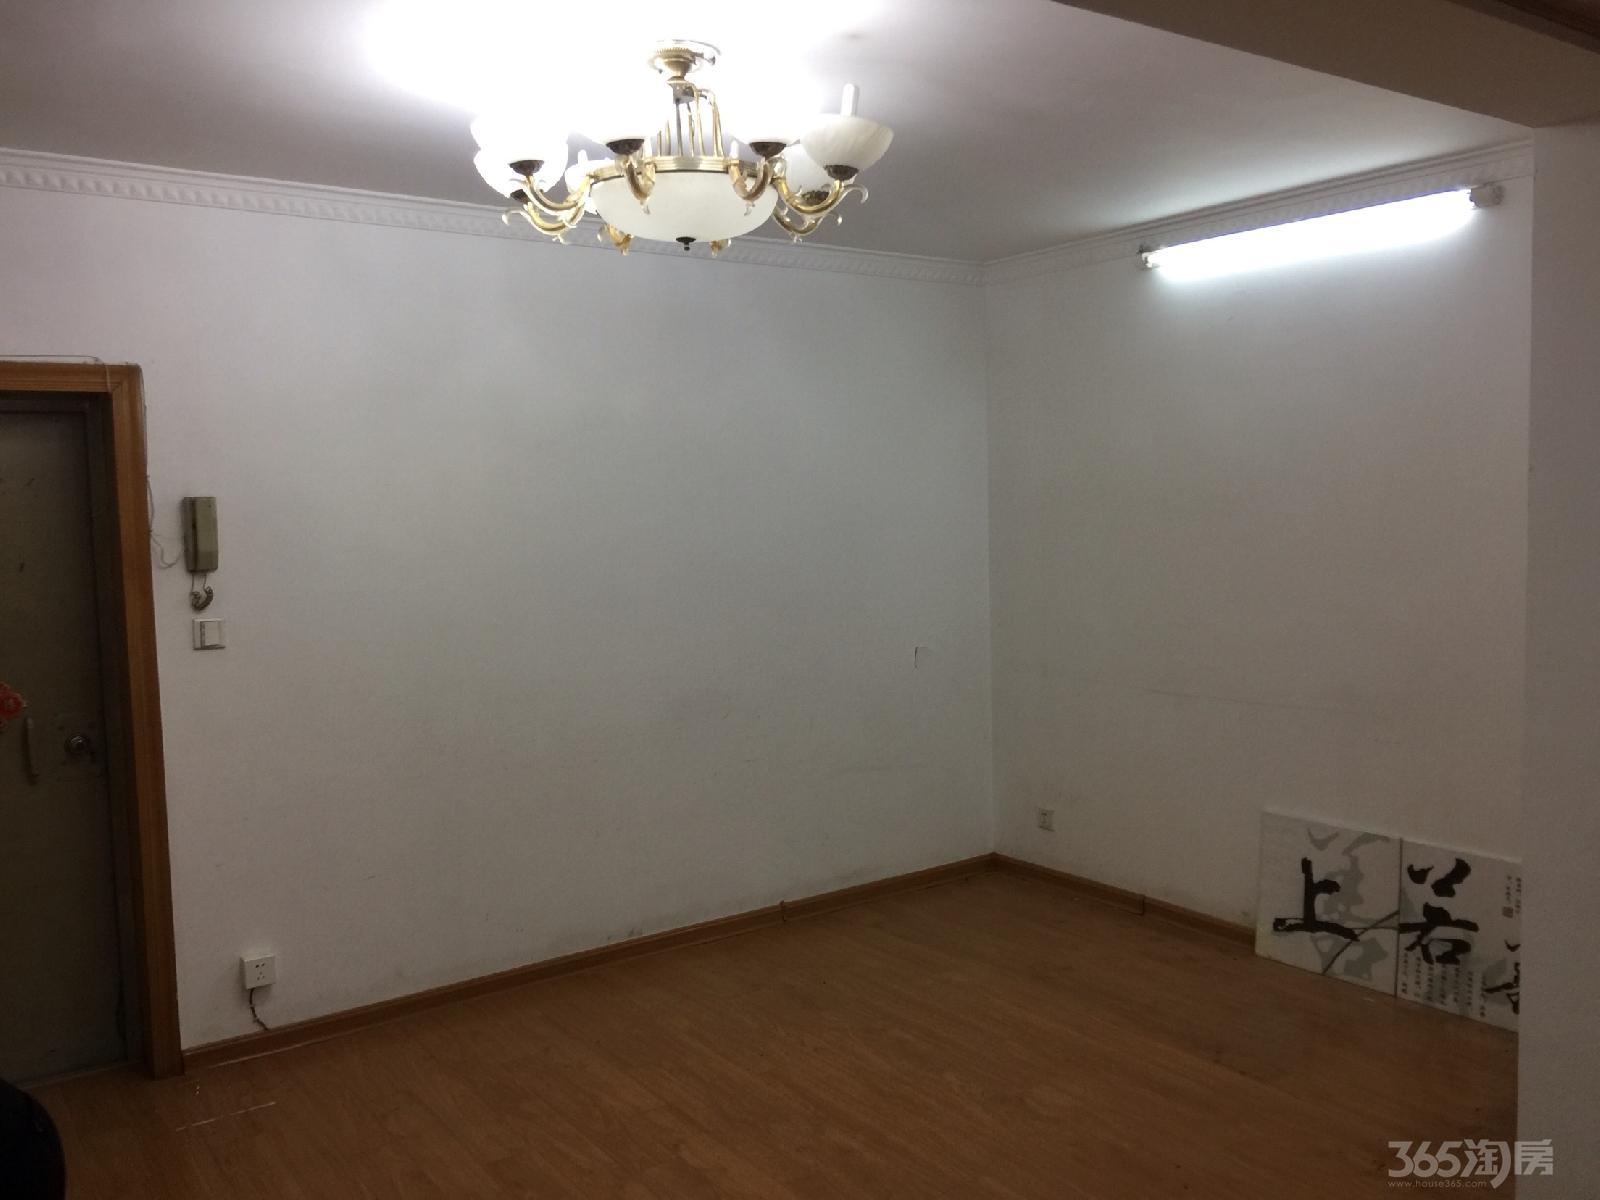 秦淮区瑞金路瑞阳街1号小区